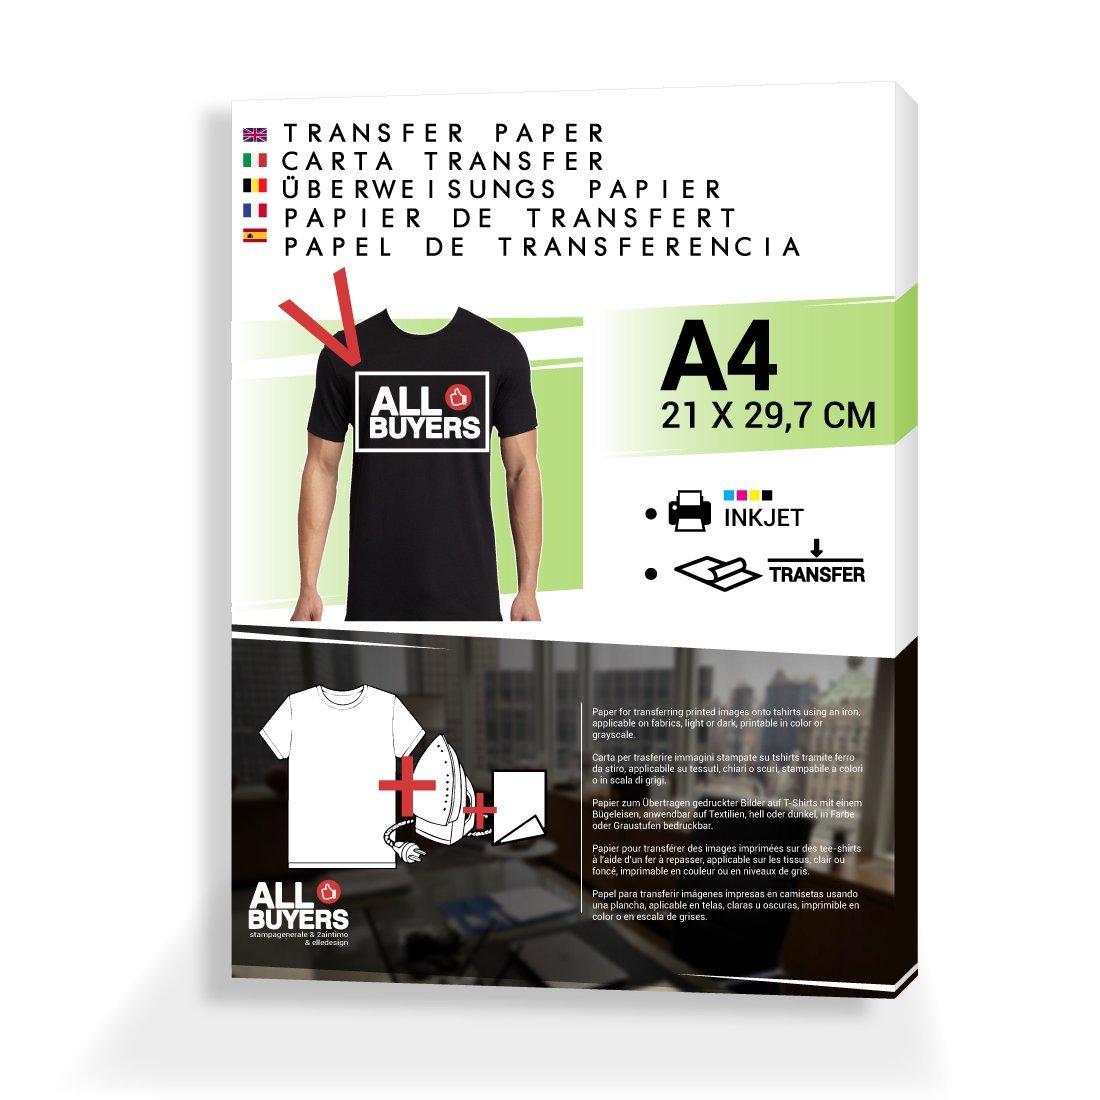 a47c5c472d Papel transfer para impresión para camisetas - A4 - Transferencia de lavabo  sobre eslabones Col Hierro de planchar X 10 hojas A4 para camisetas - 2  aintimo® ...